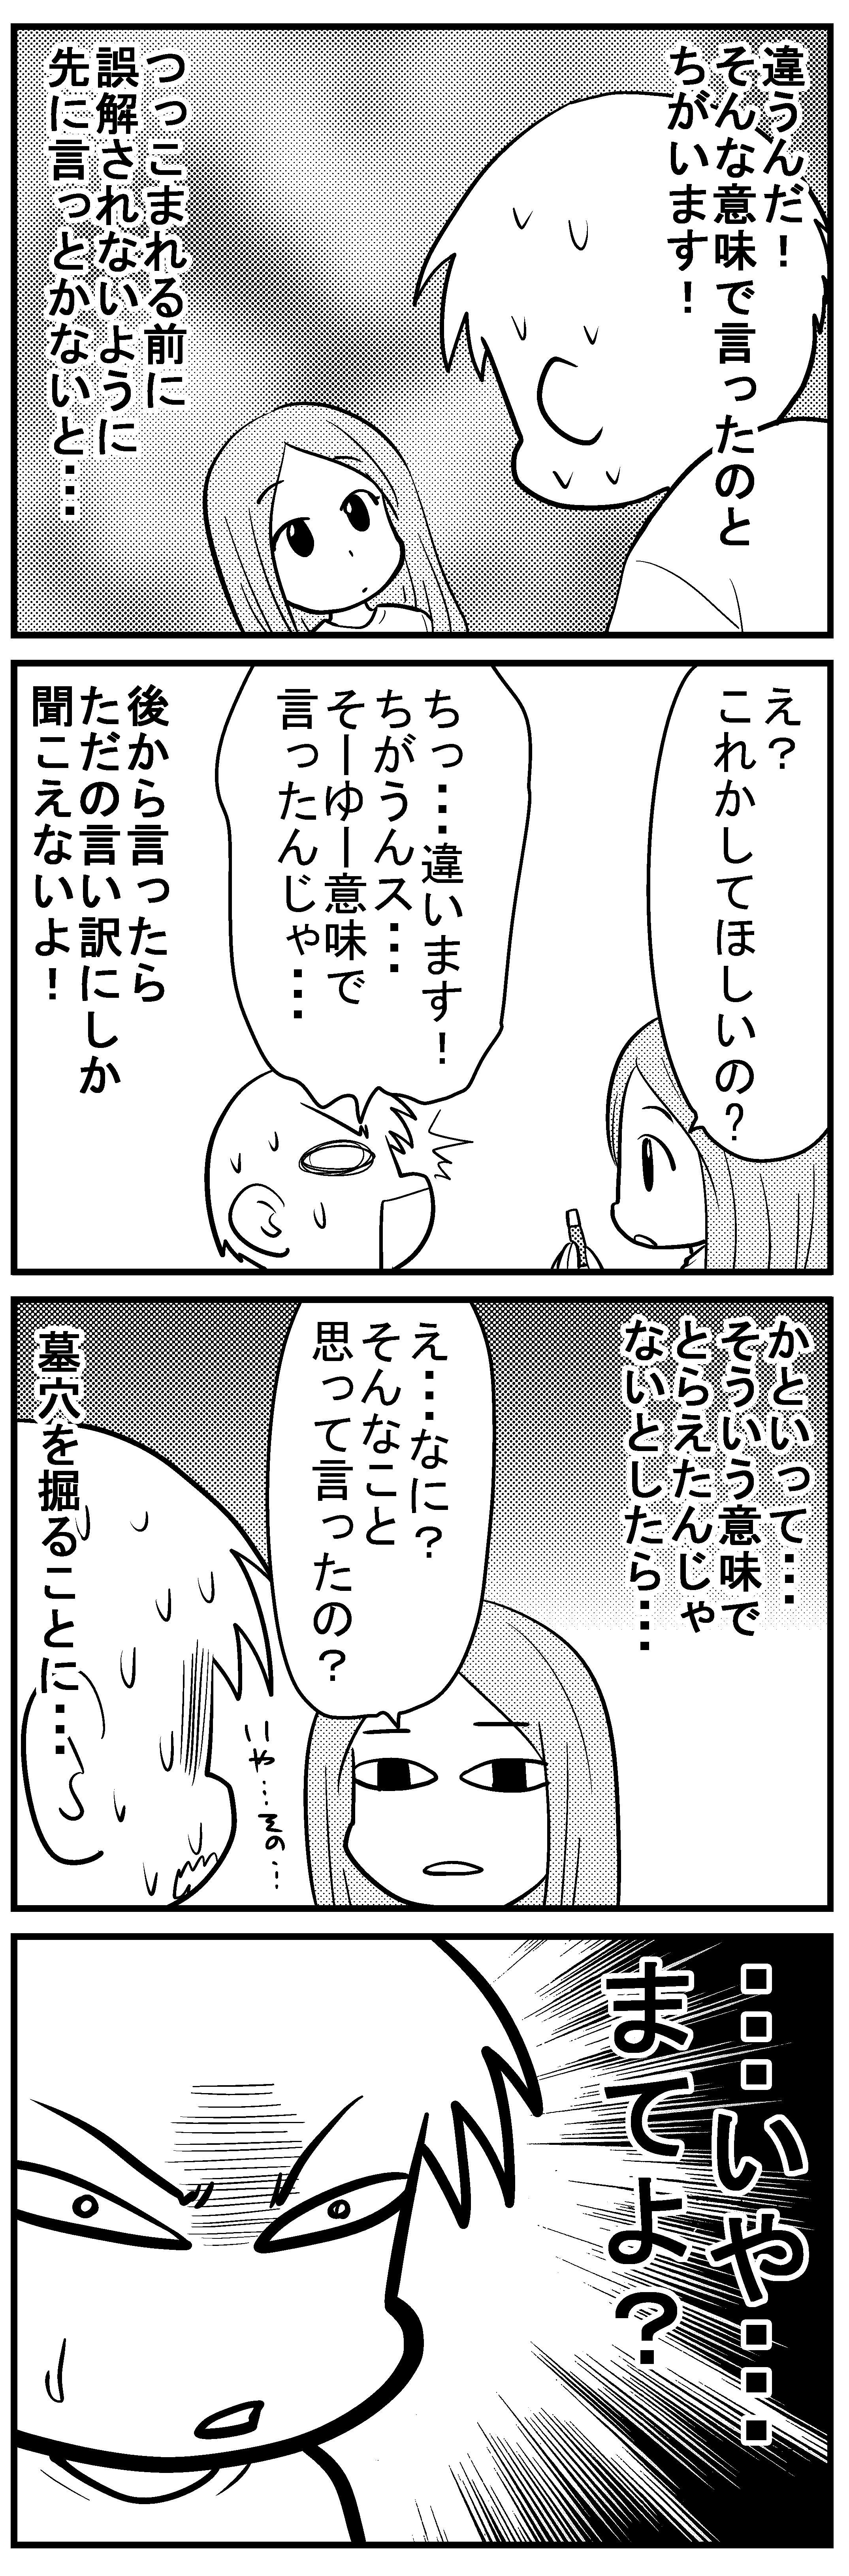 深読みくん46-3